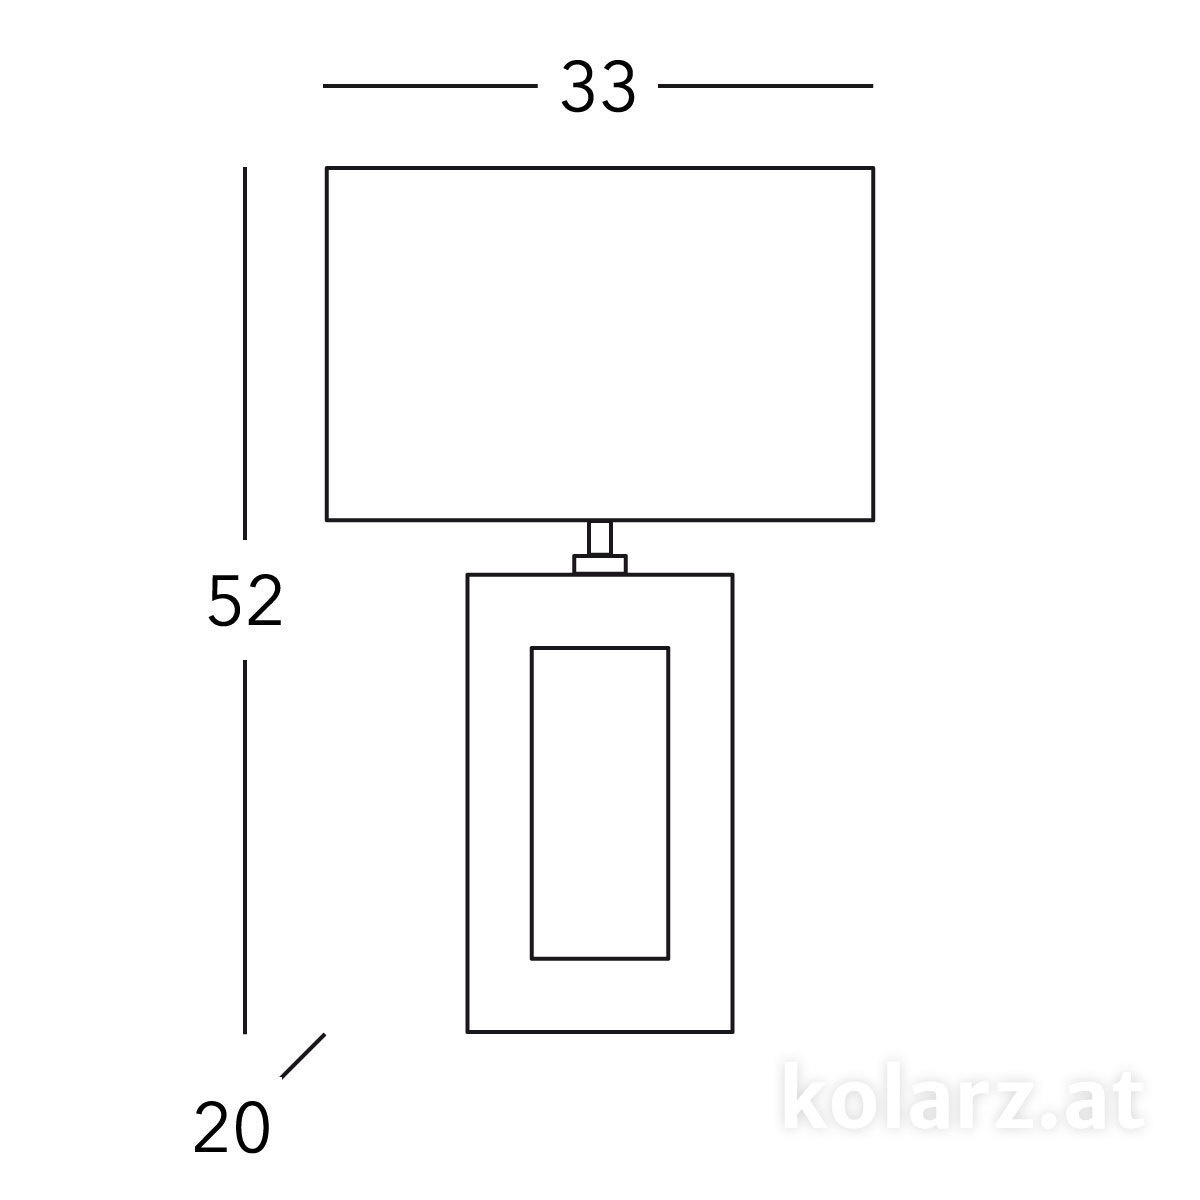 5360-70180__li30-s1.jpg